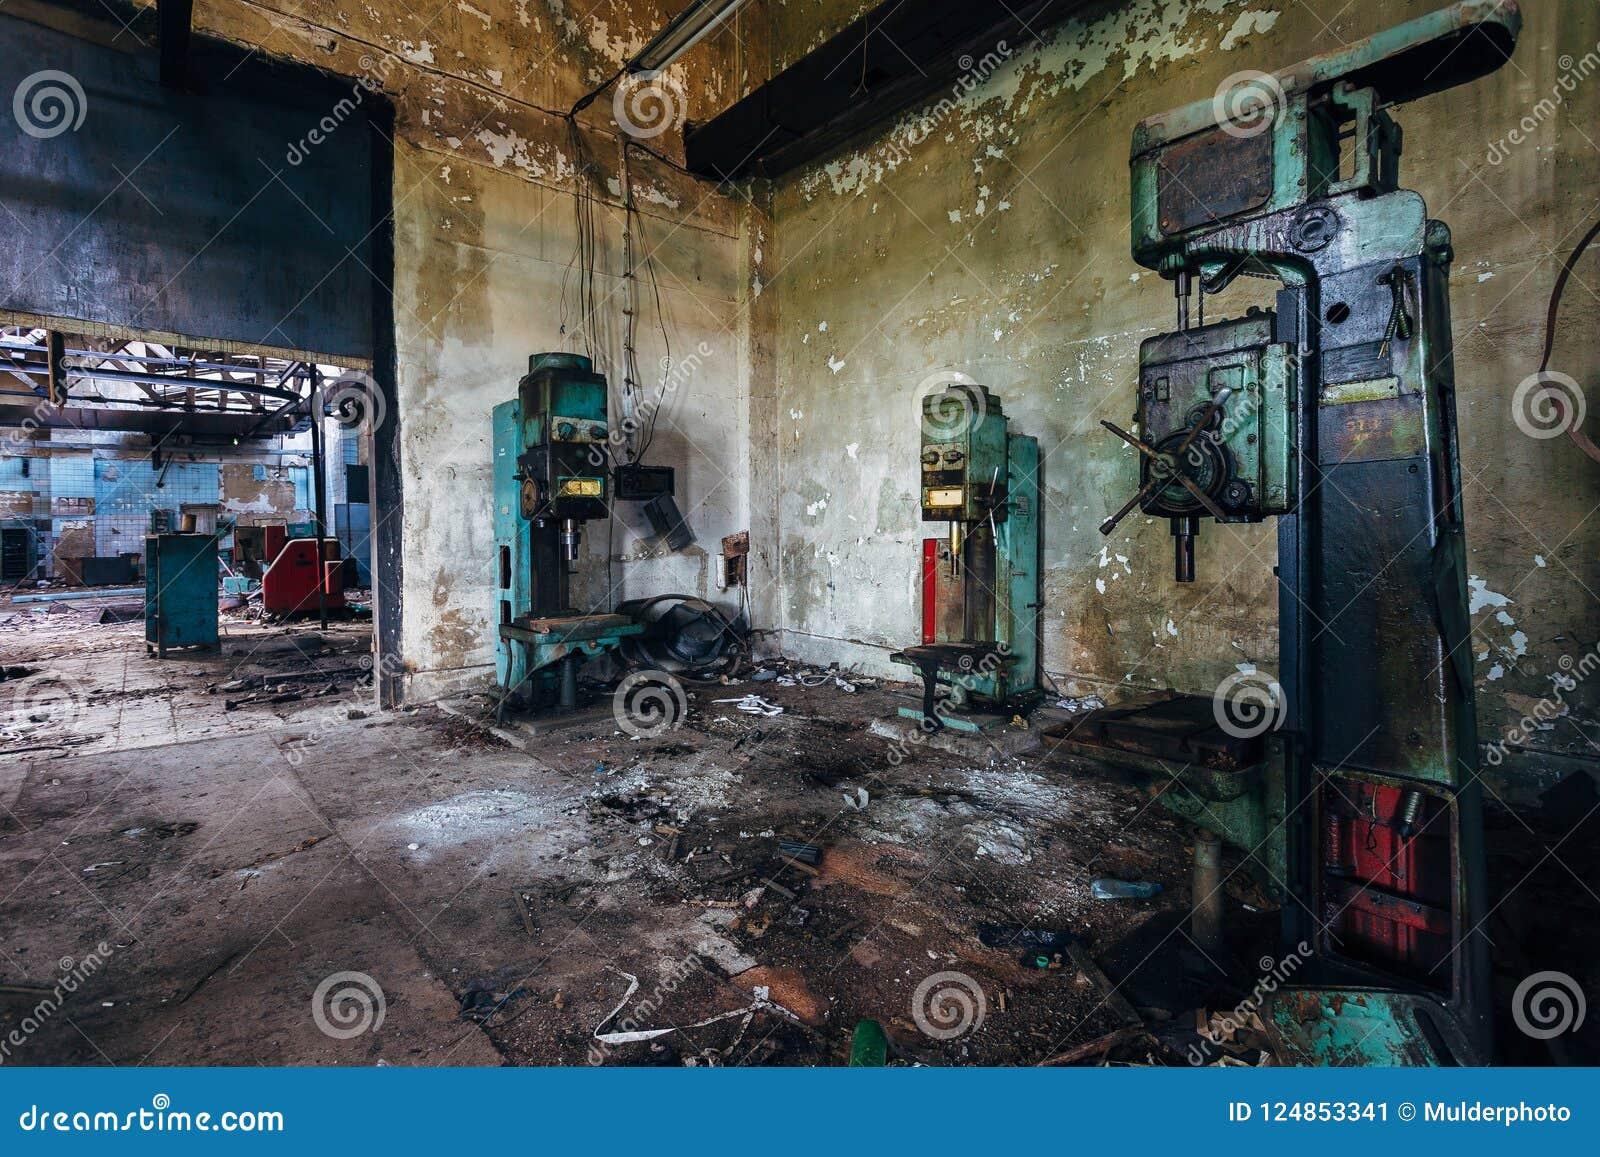 Οι παλαιές σκουριασμένες βιομηχανικές μηχανές διατρήσεων στο εγκαταλειμμένο εργαστήριο εργοστασίων μοιάζουν με τα ρομπότ